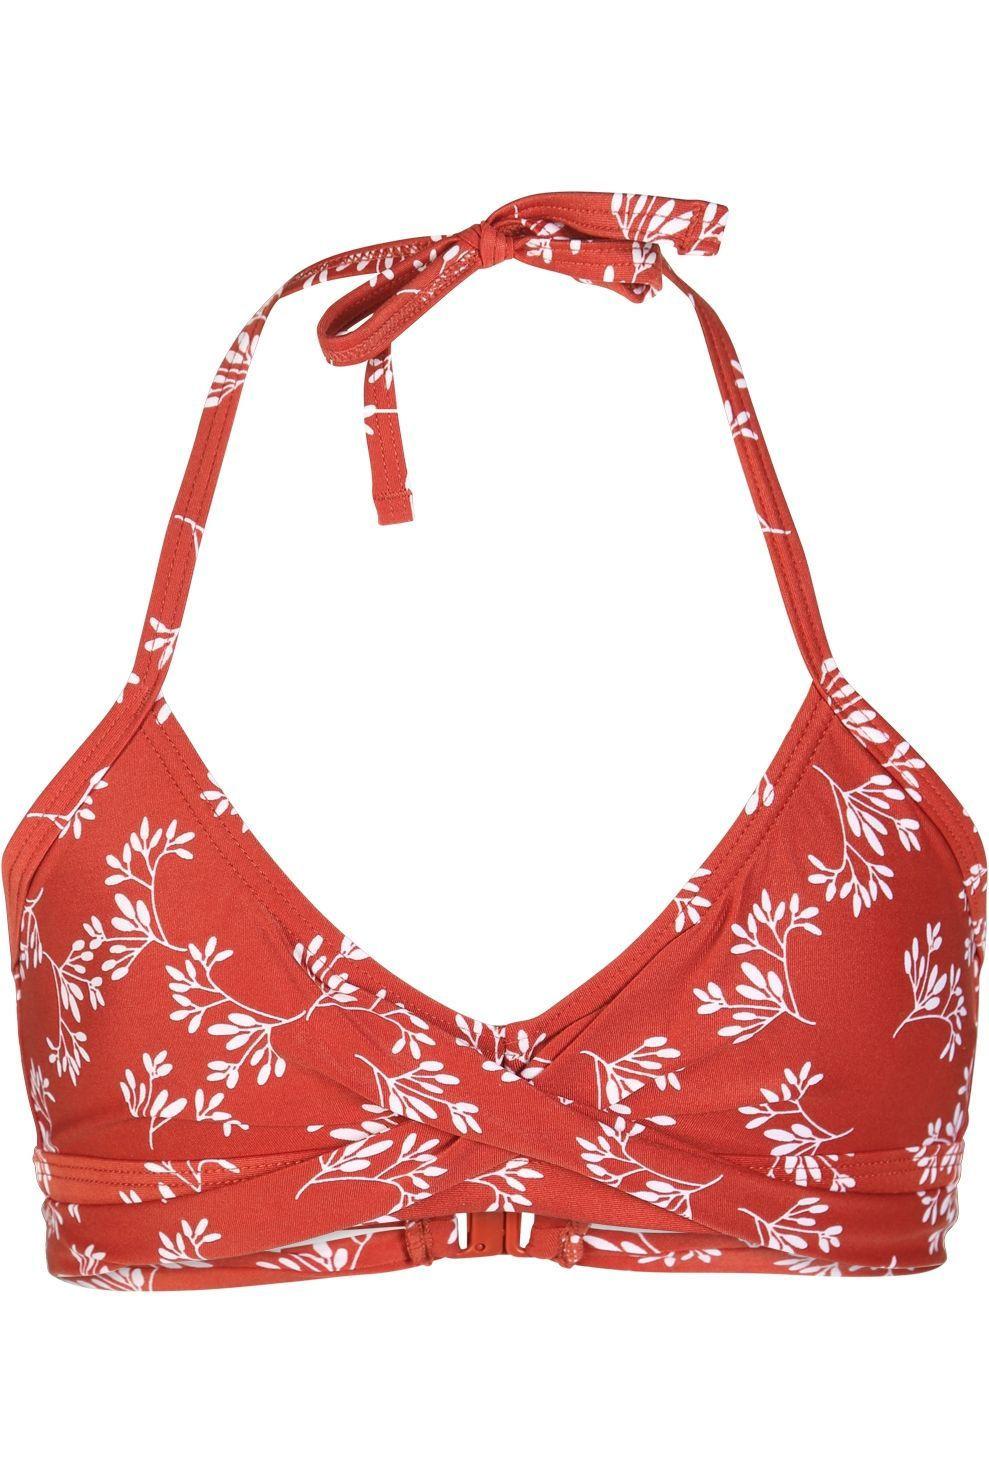 Beachlife Bh 160162 voor meisjes - Bruin - Maten: 140, 152, 164, 176